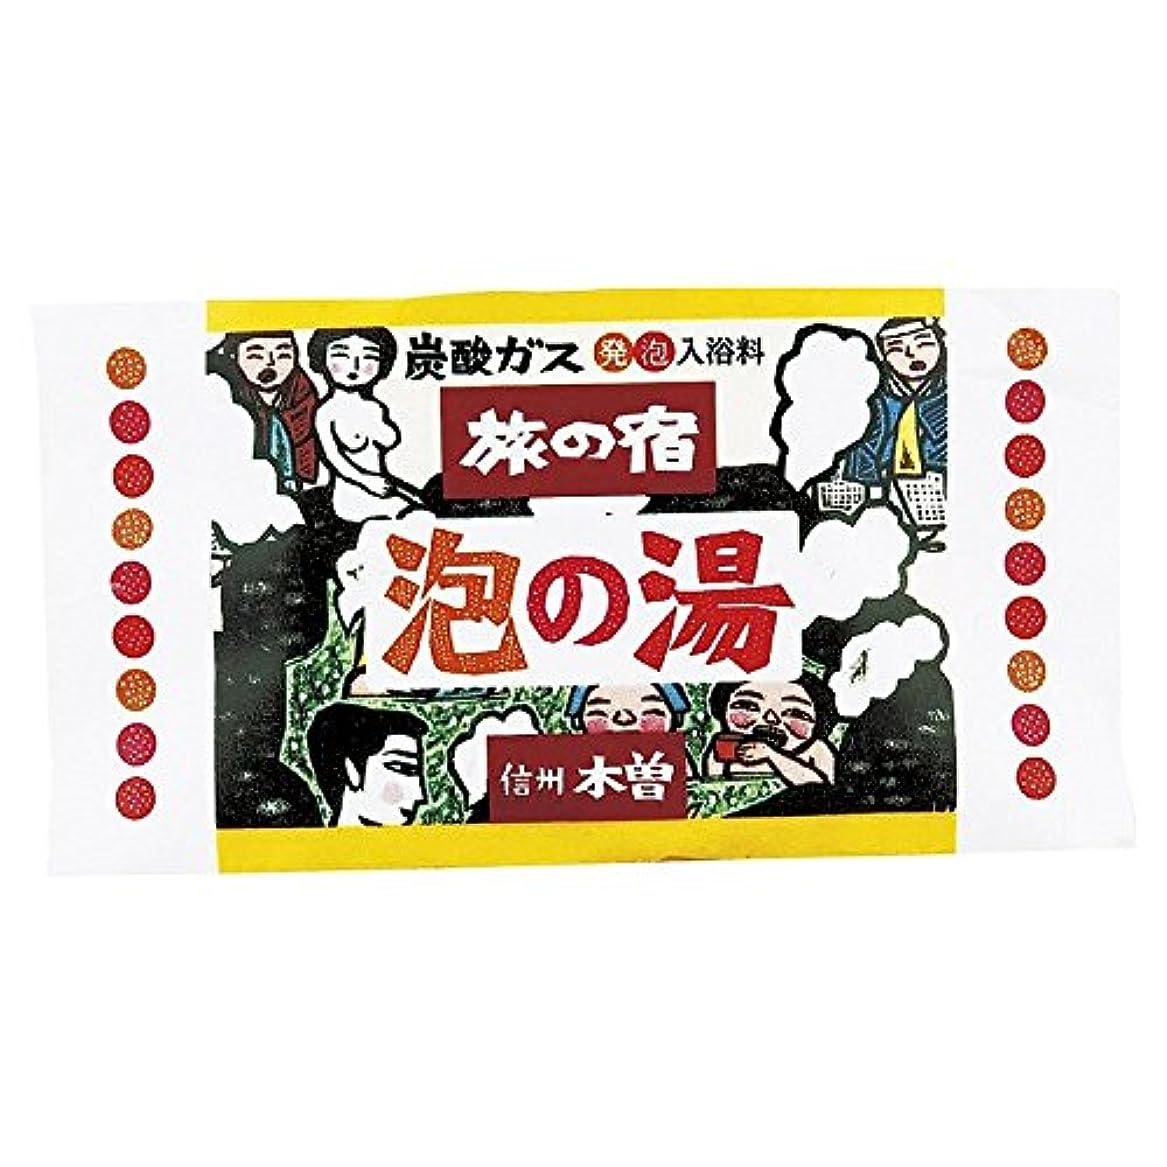 フォーマットアテンダント漫画クラシエ 旅の宿 (泡)1P 信州木曽 82427 (B529-06)